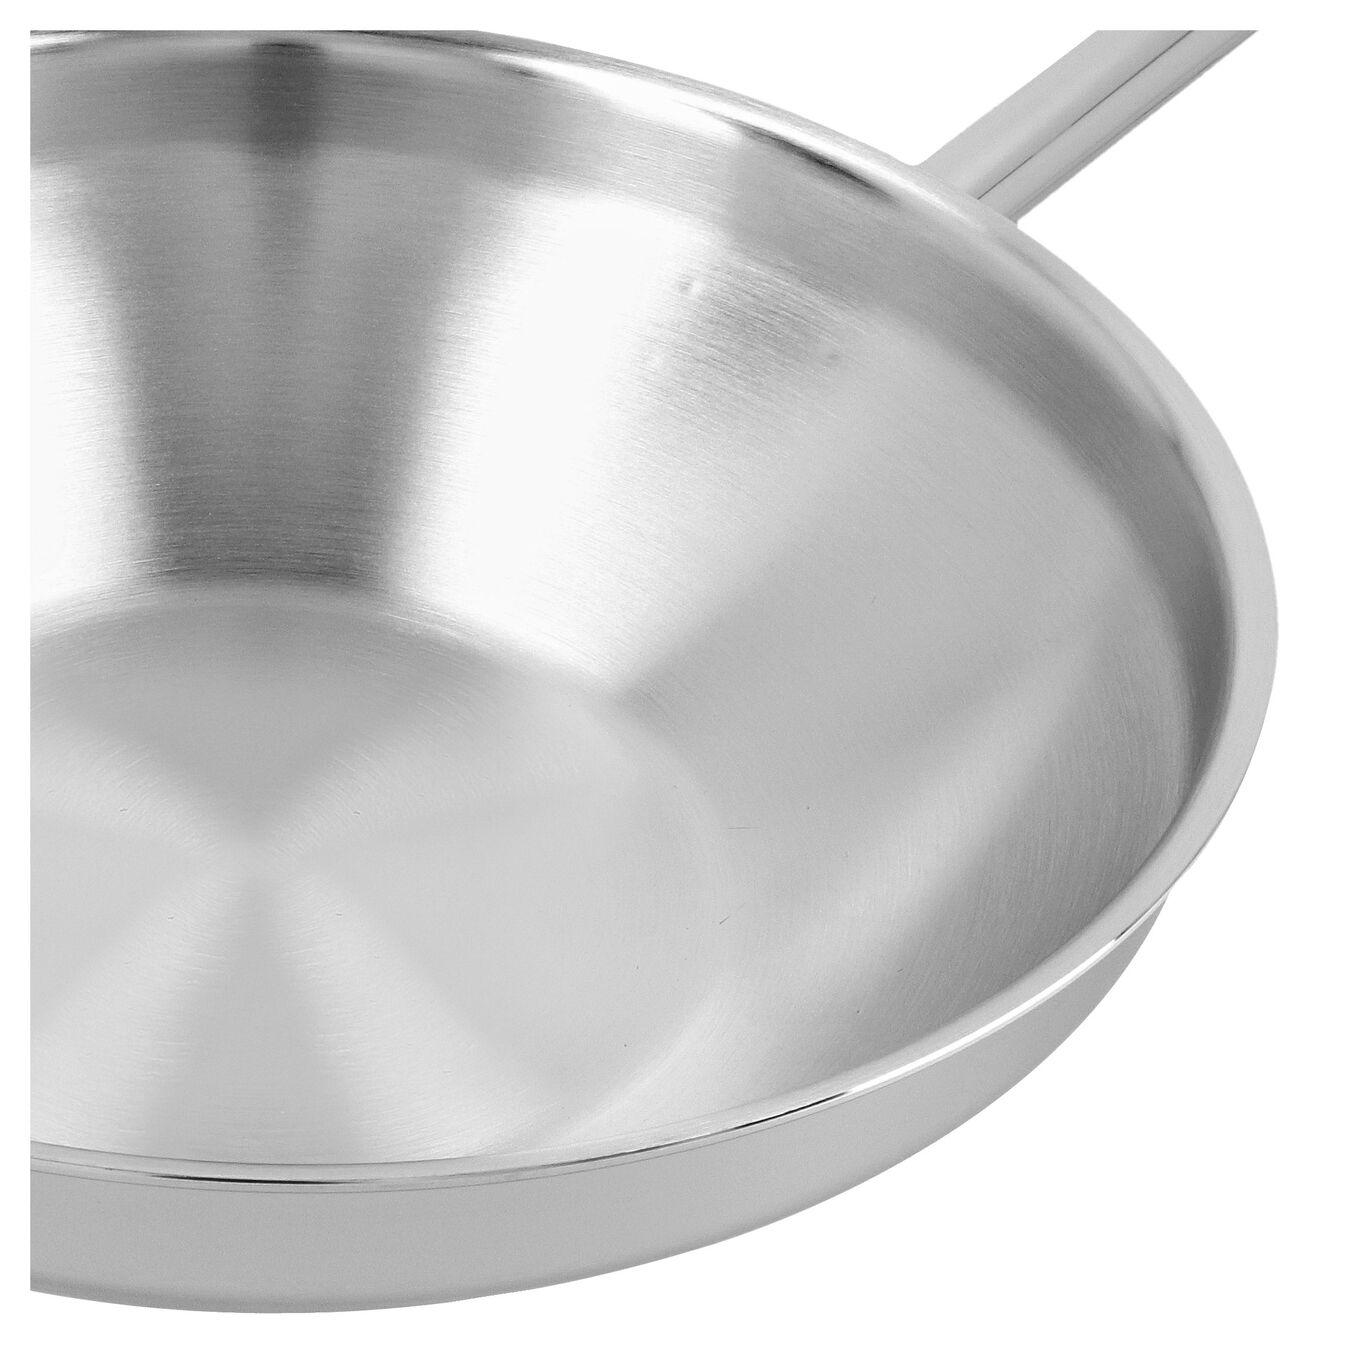 Wok fondo piatto - 32 cm, 18/10 acciaio inossidabile,,large 5